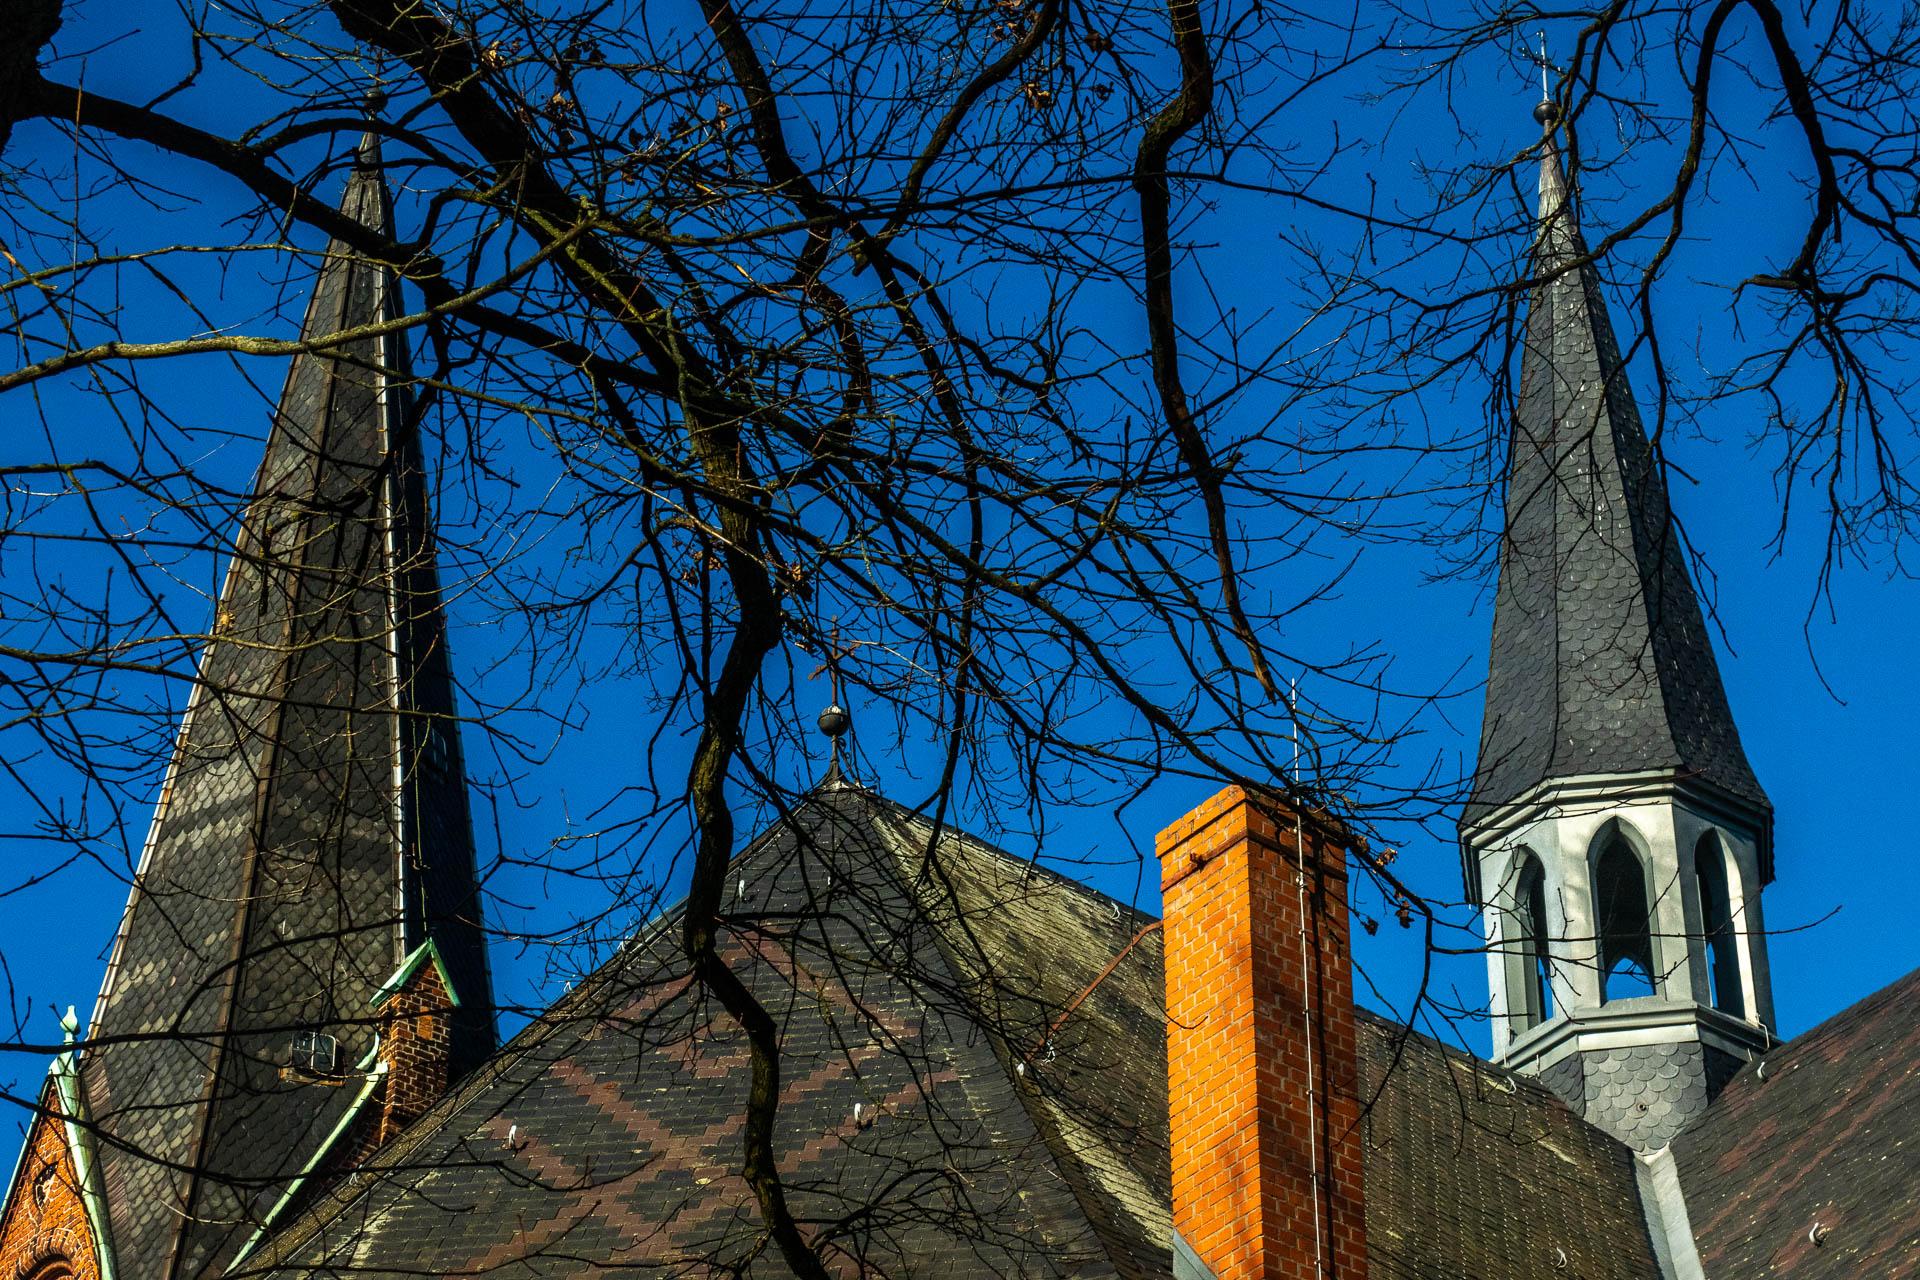 Turm und Dachreiter der Malchower Stadtkirche